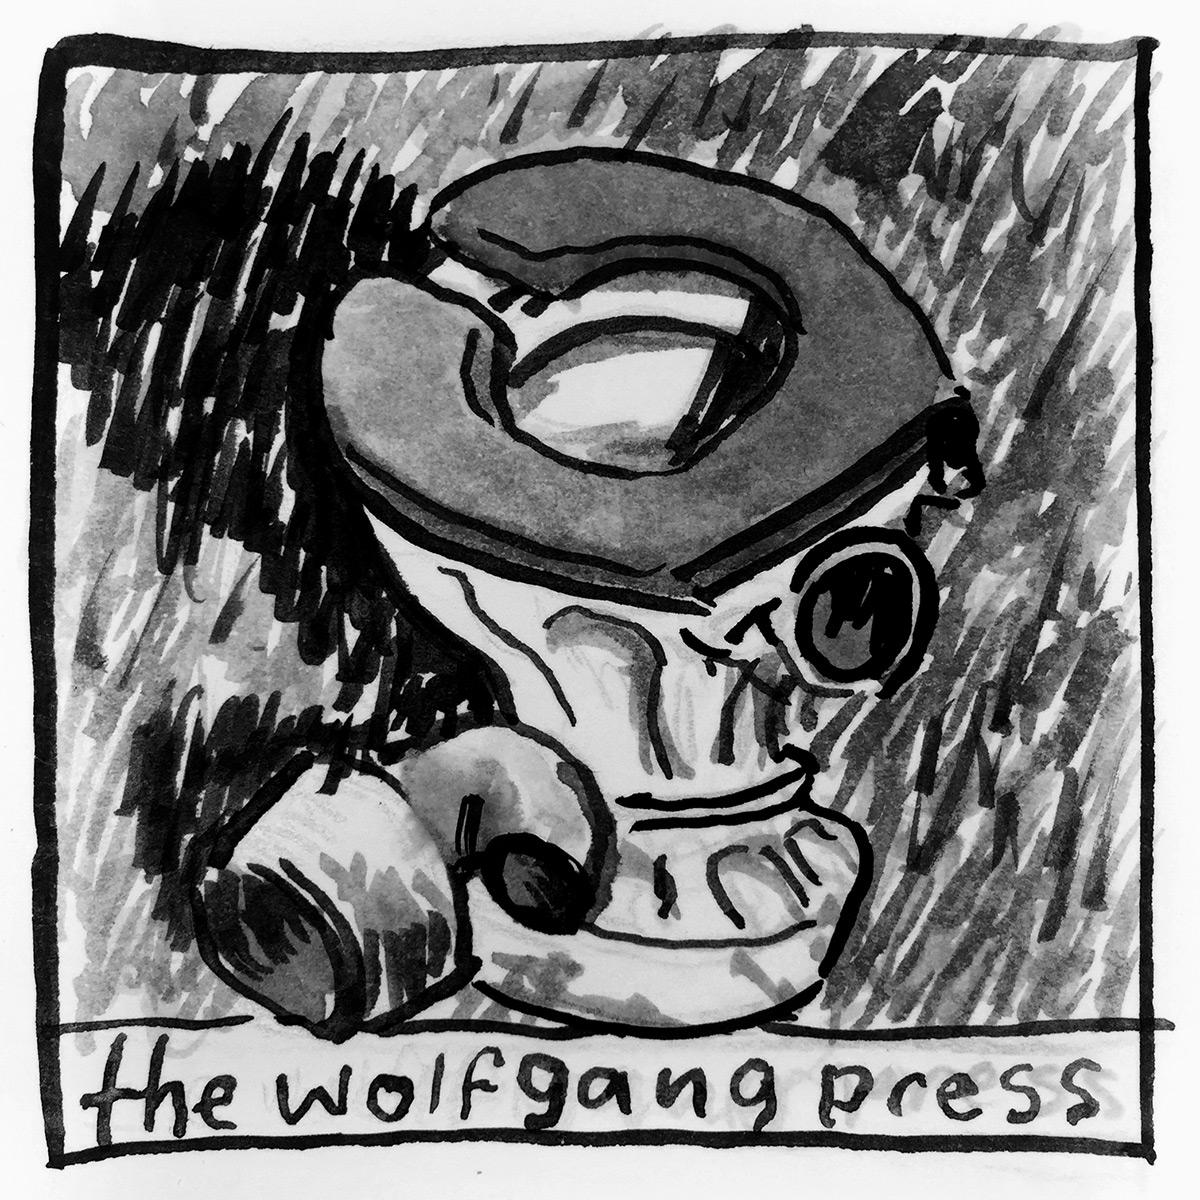 Wolfgang Press Birdwood Cage